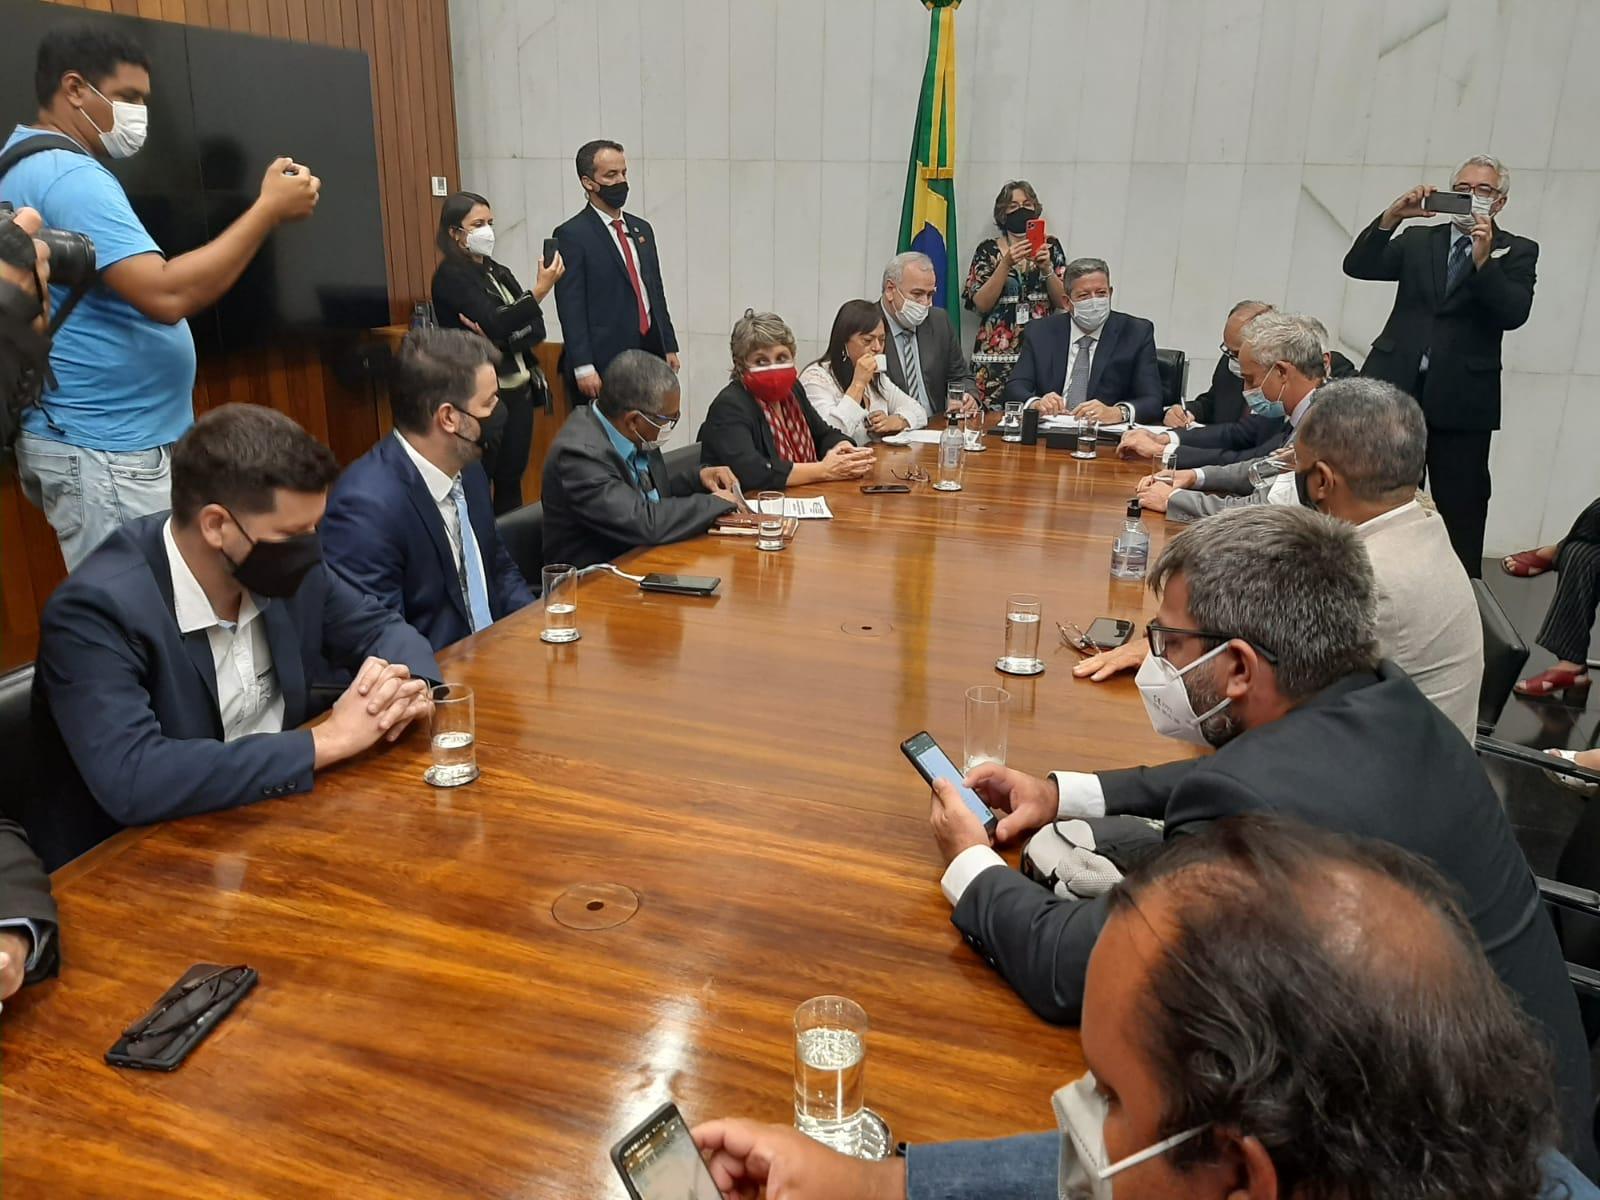 Representantes das centrais sindicais pressionaram o presidente da Câmara dos Deputados, Arthur Lira, a retirar a PEC 32 durante audiência em Brasília